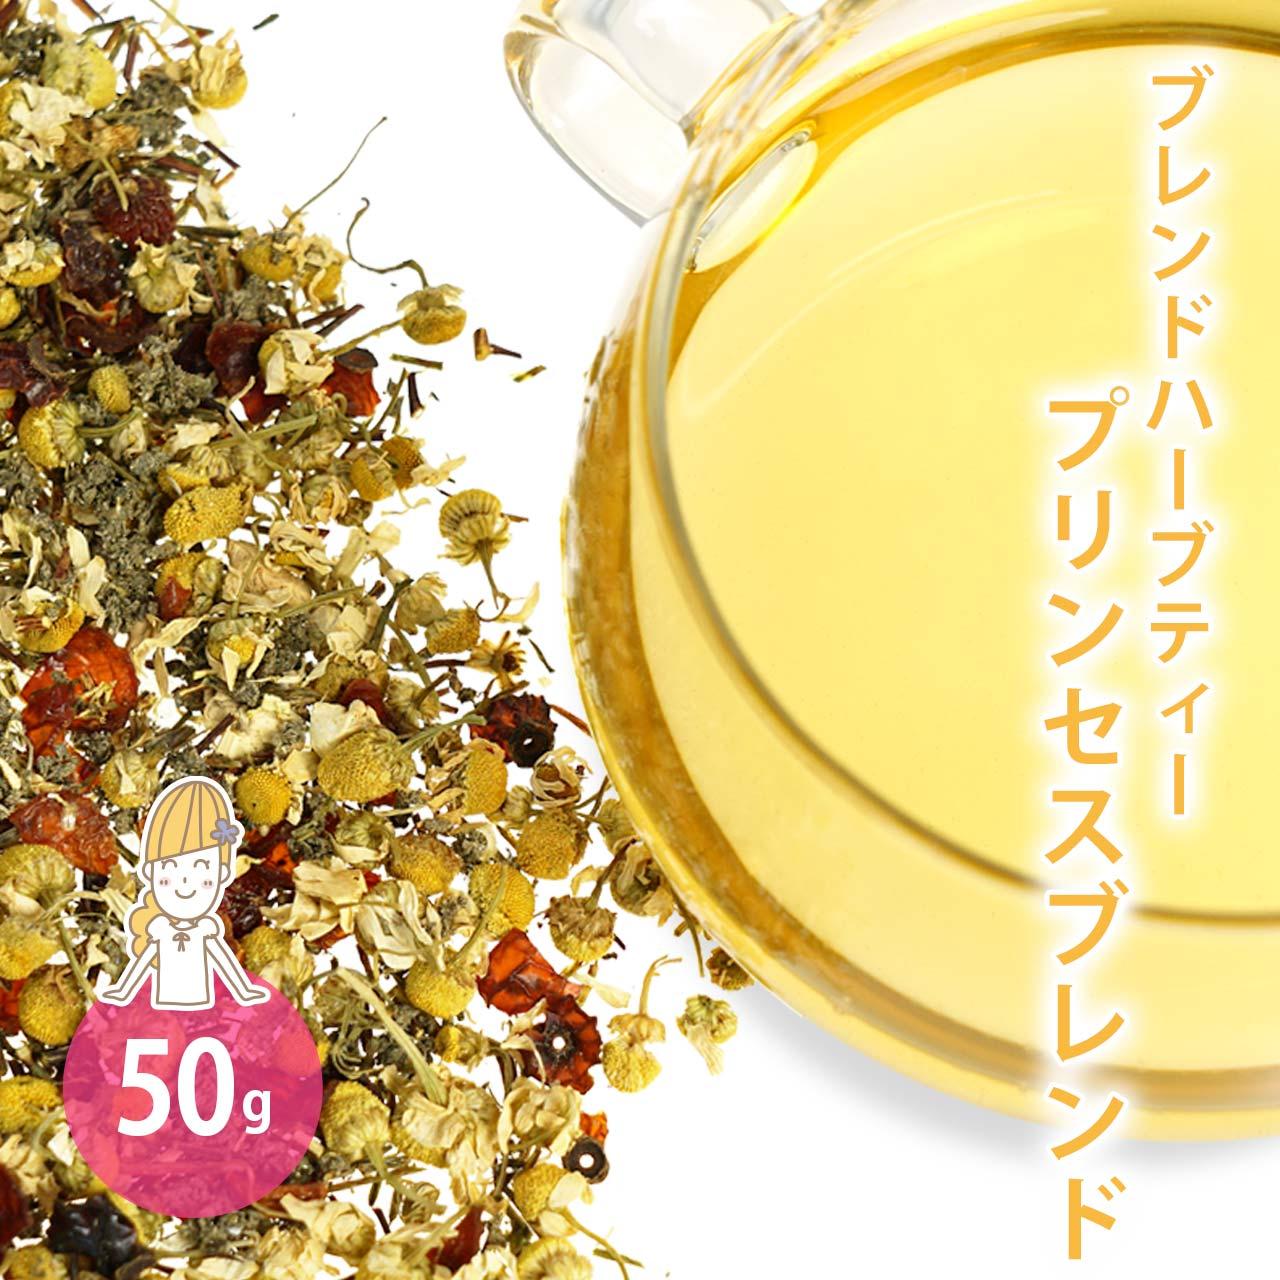 オリジナルブレンドハーブティー プリンセスブレンド 50g 【ポストお届け可】